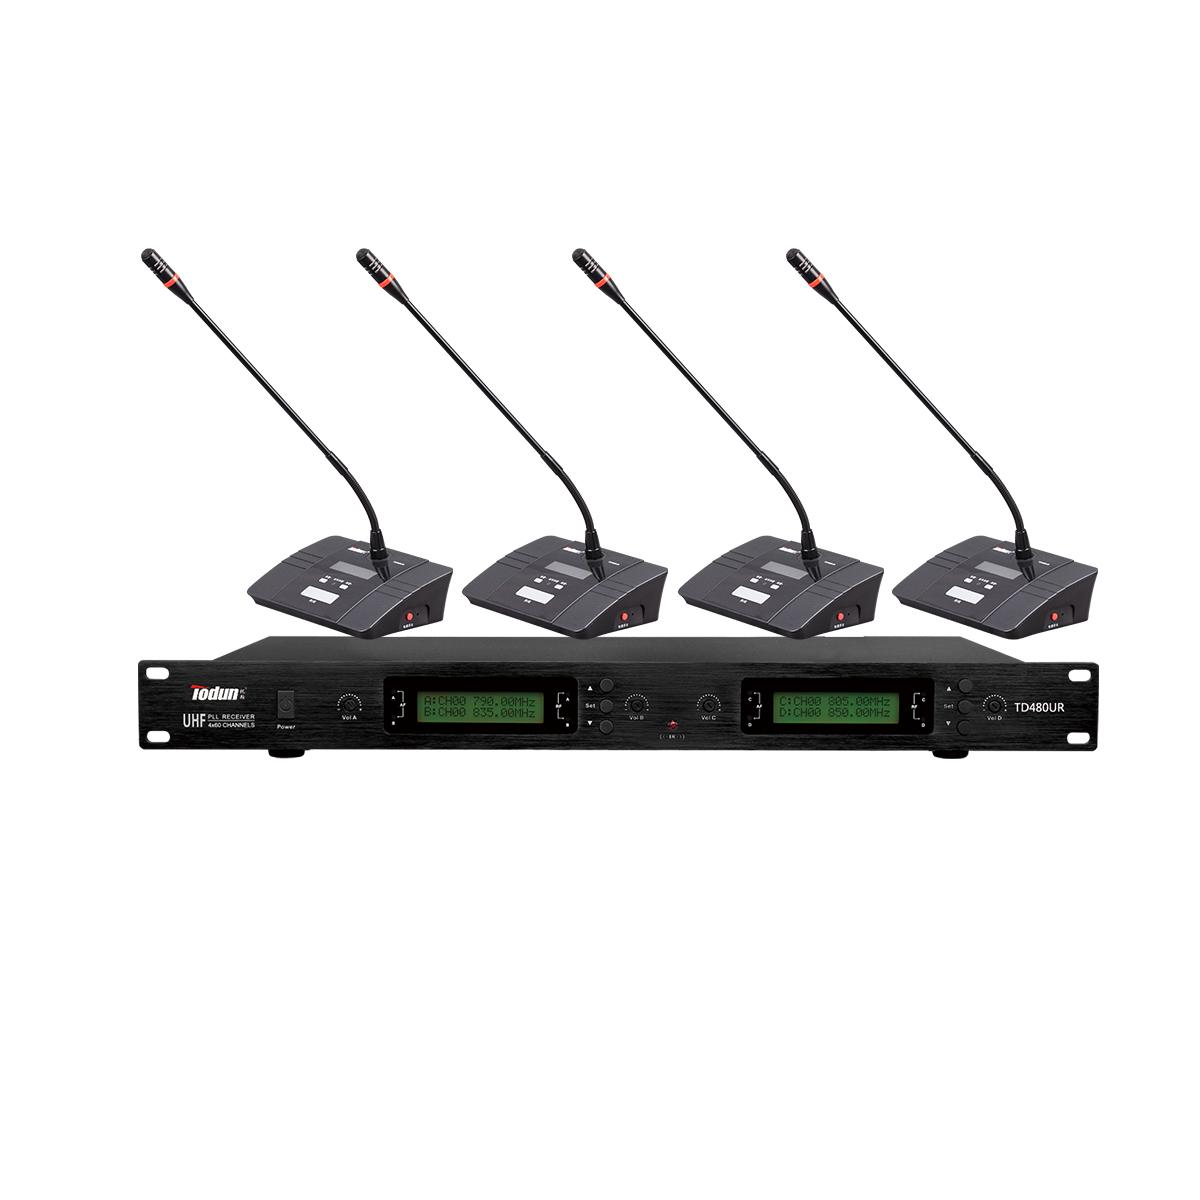 托顿TD480UR 无线鹅颈话筒 U段 一拖四无线会议系统